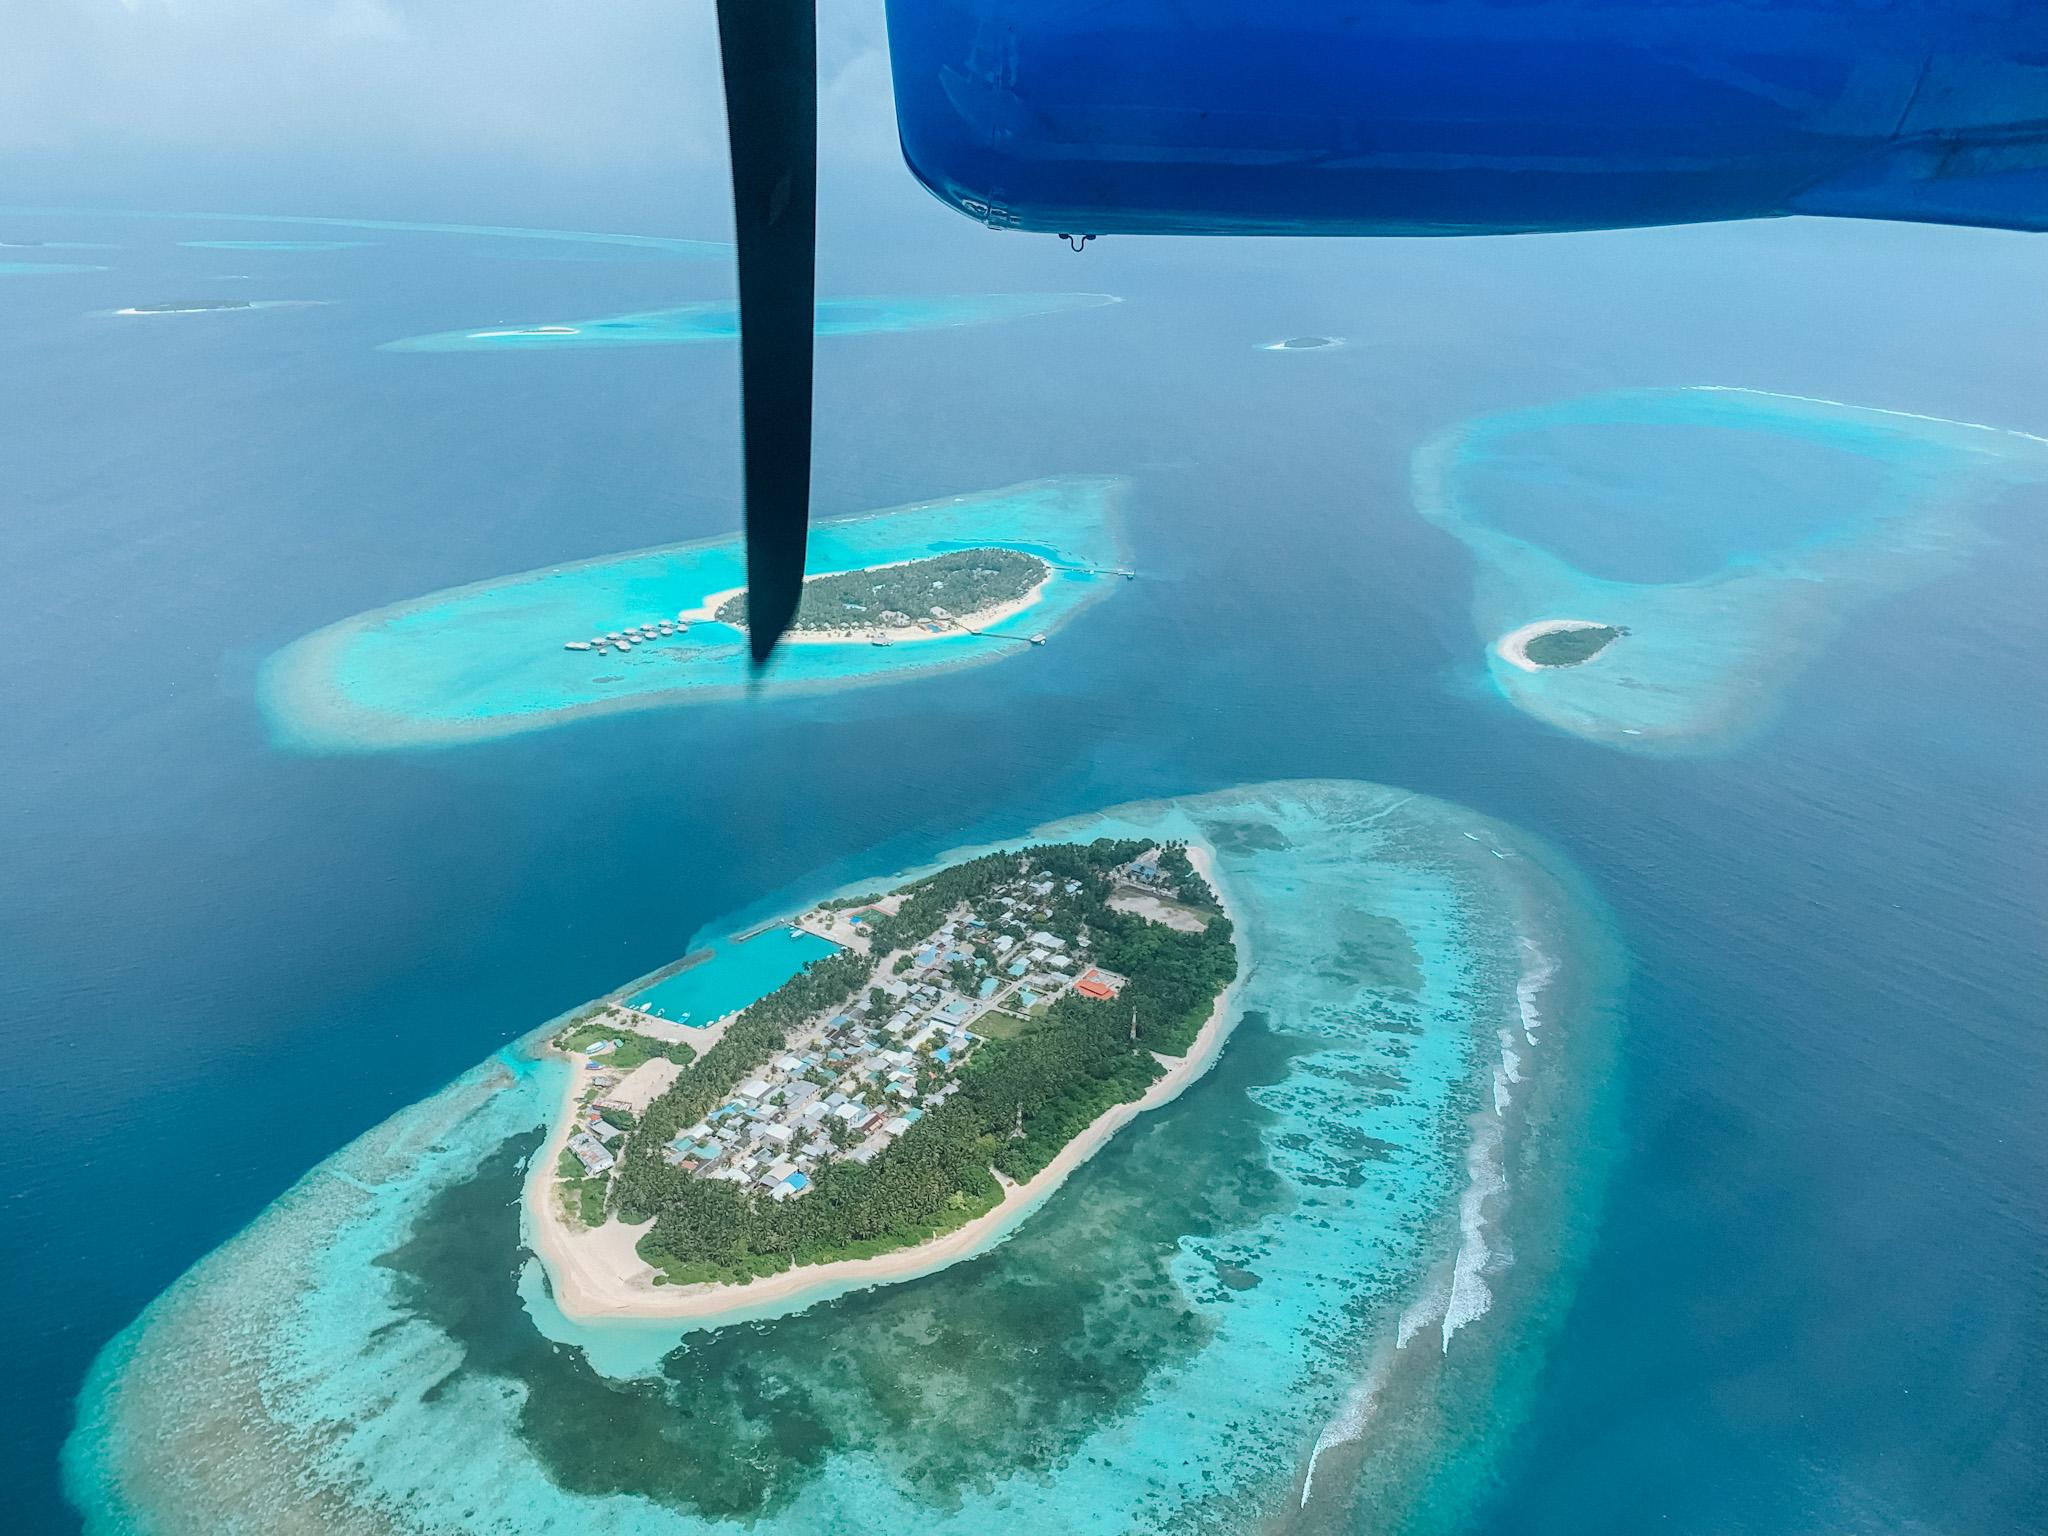 Vista das Maldivas do hidroavião (Foto: Trip To Follow)